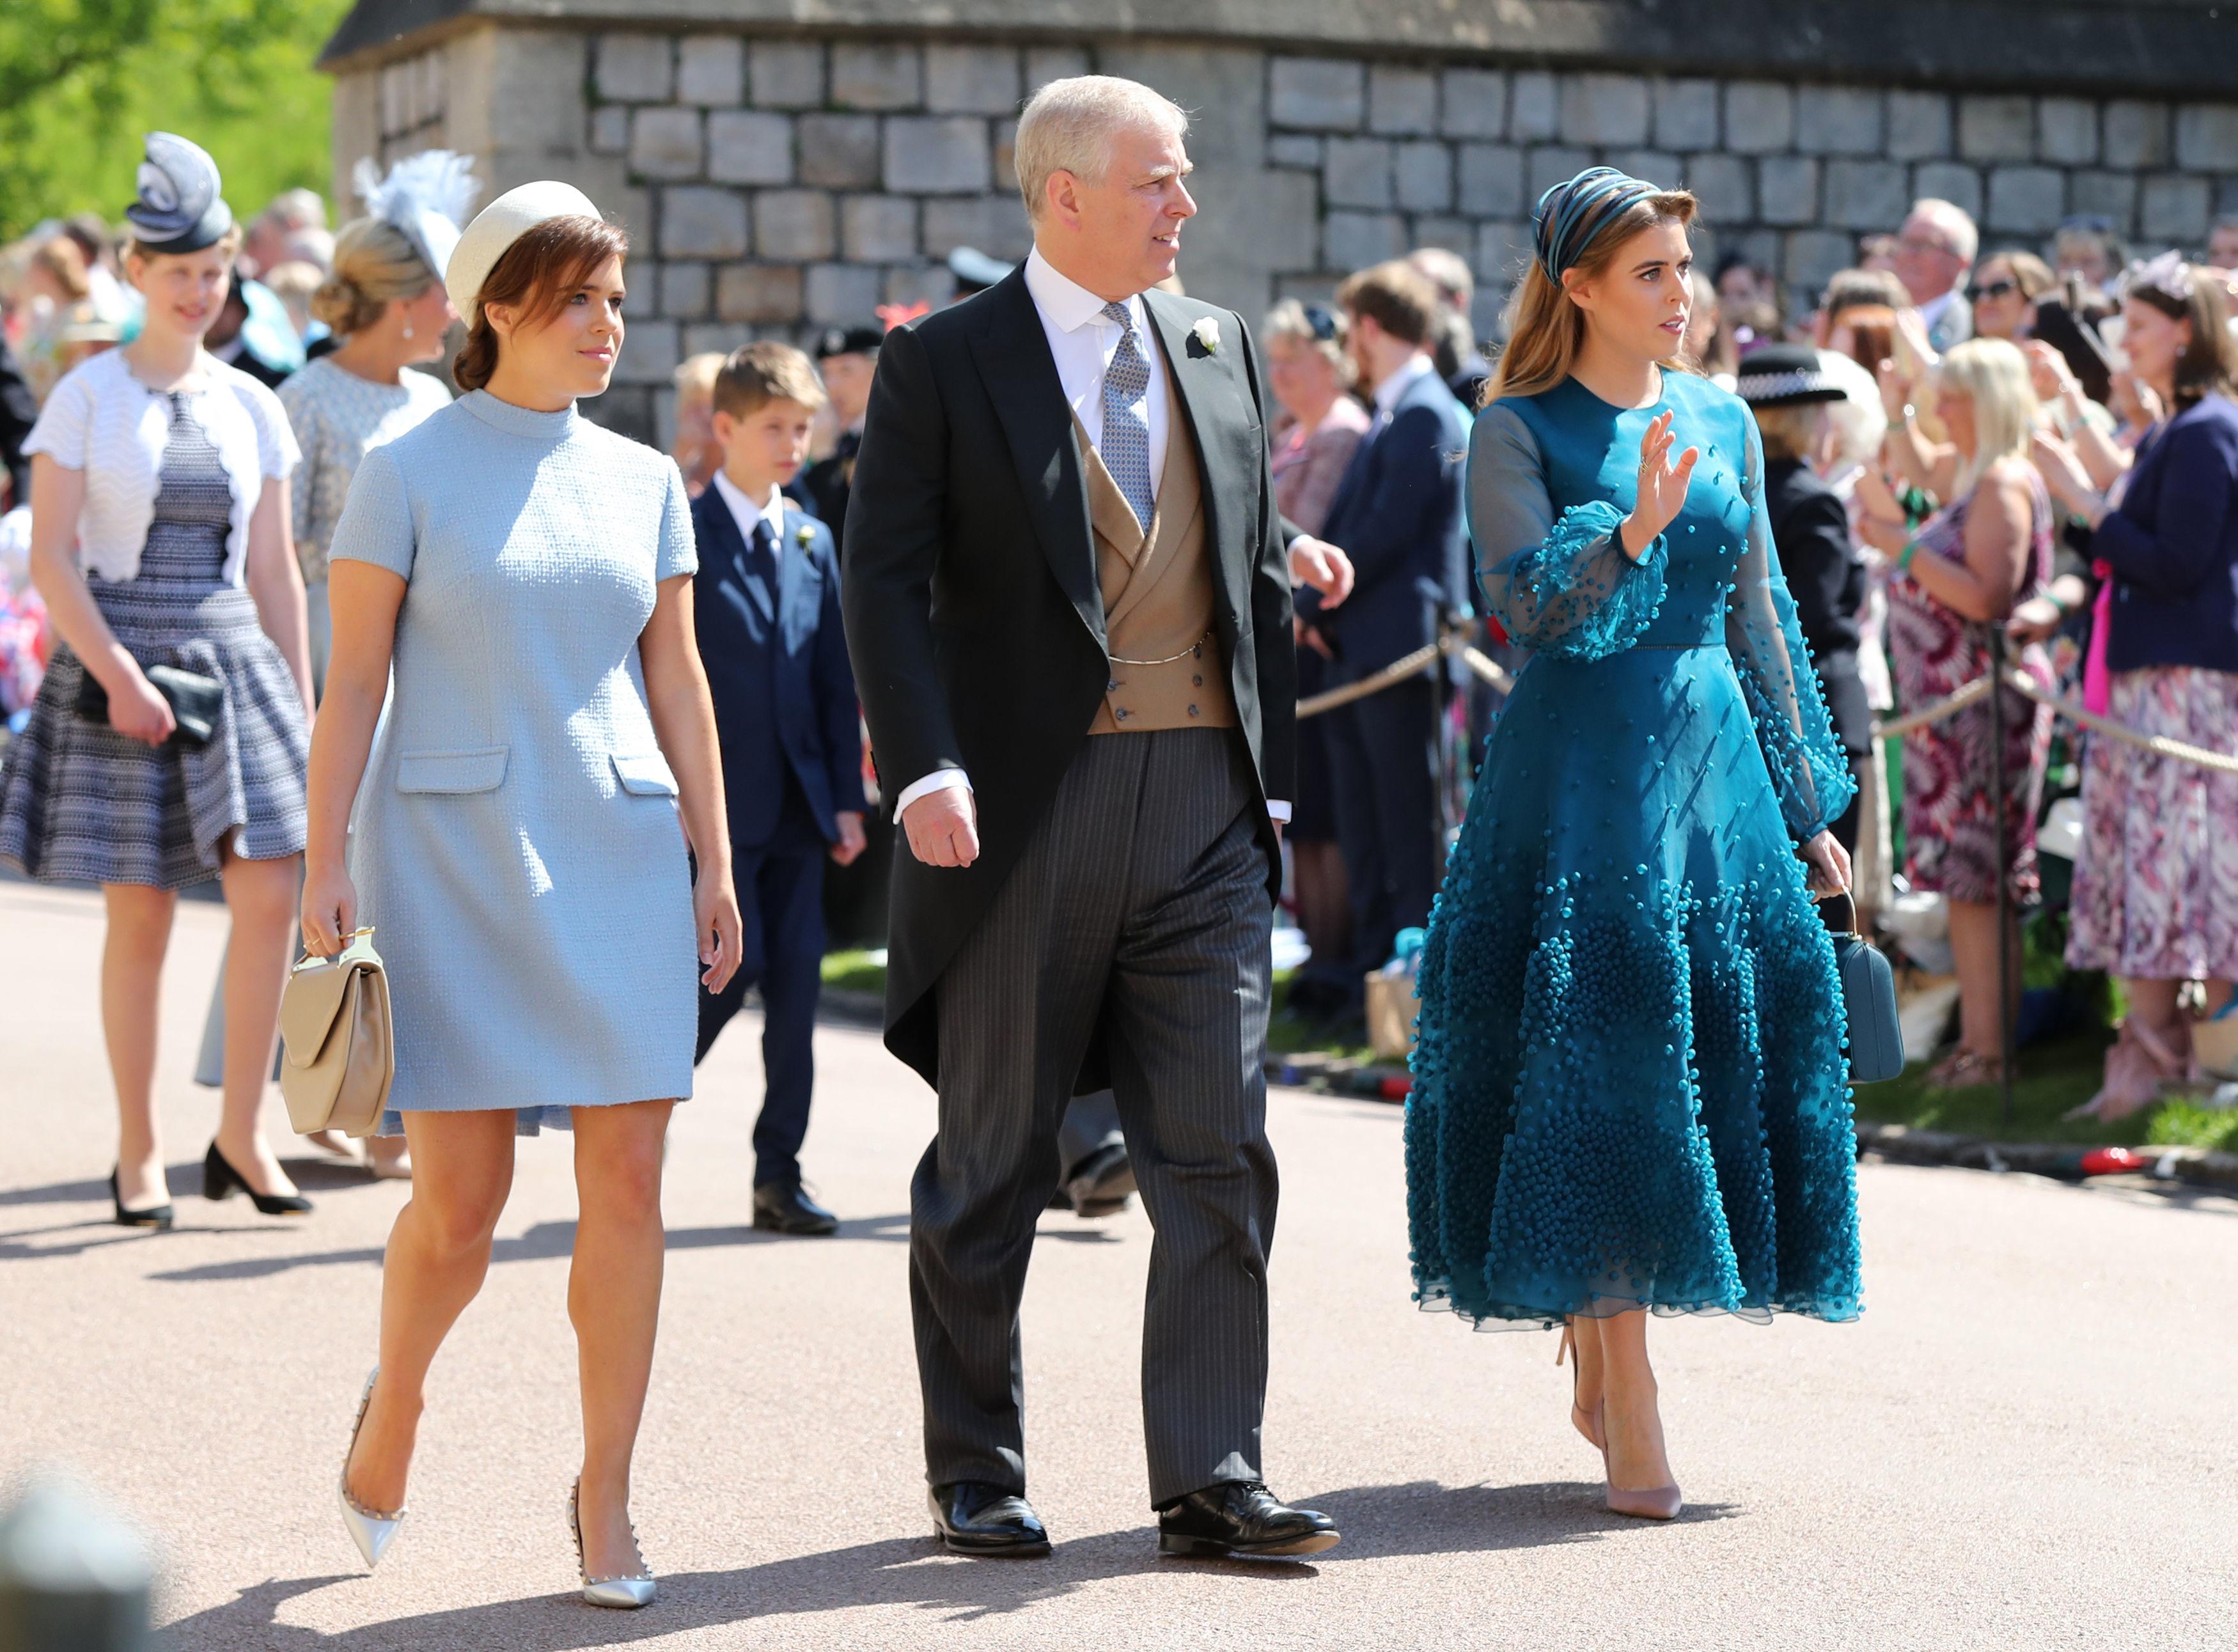 Protocolos da família real britânica - comprimento da saia